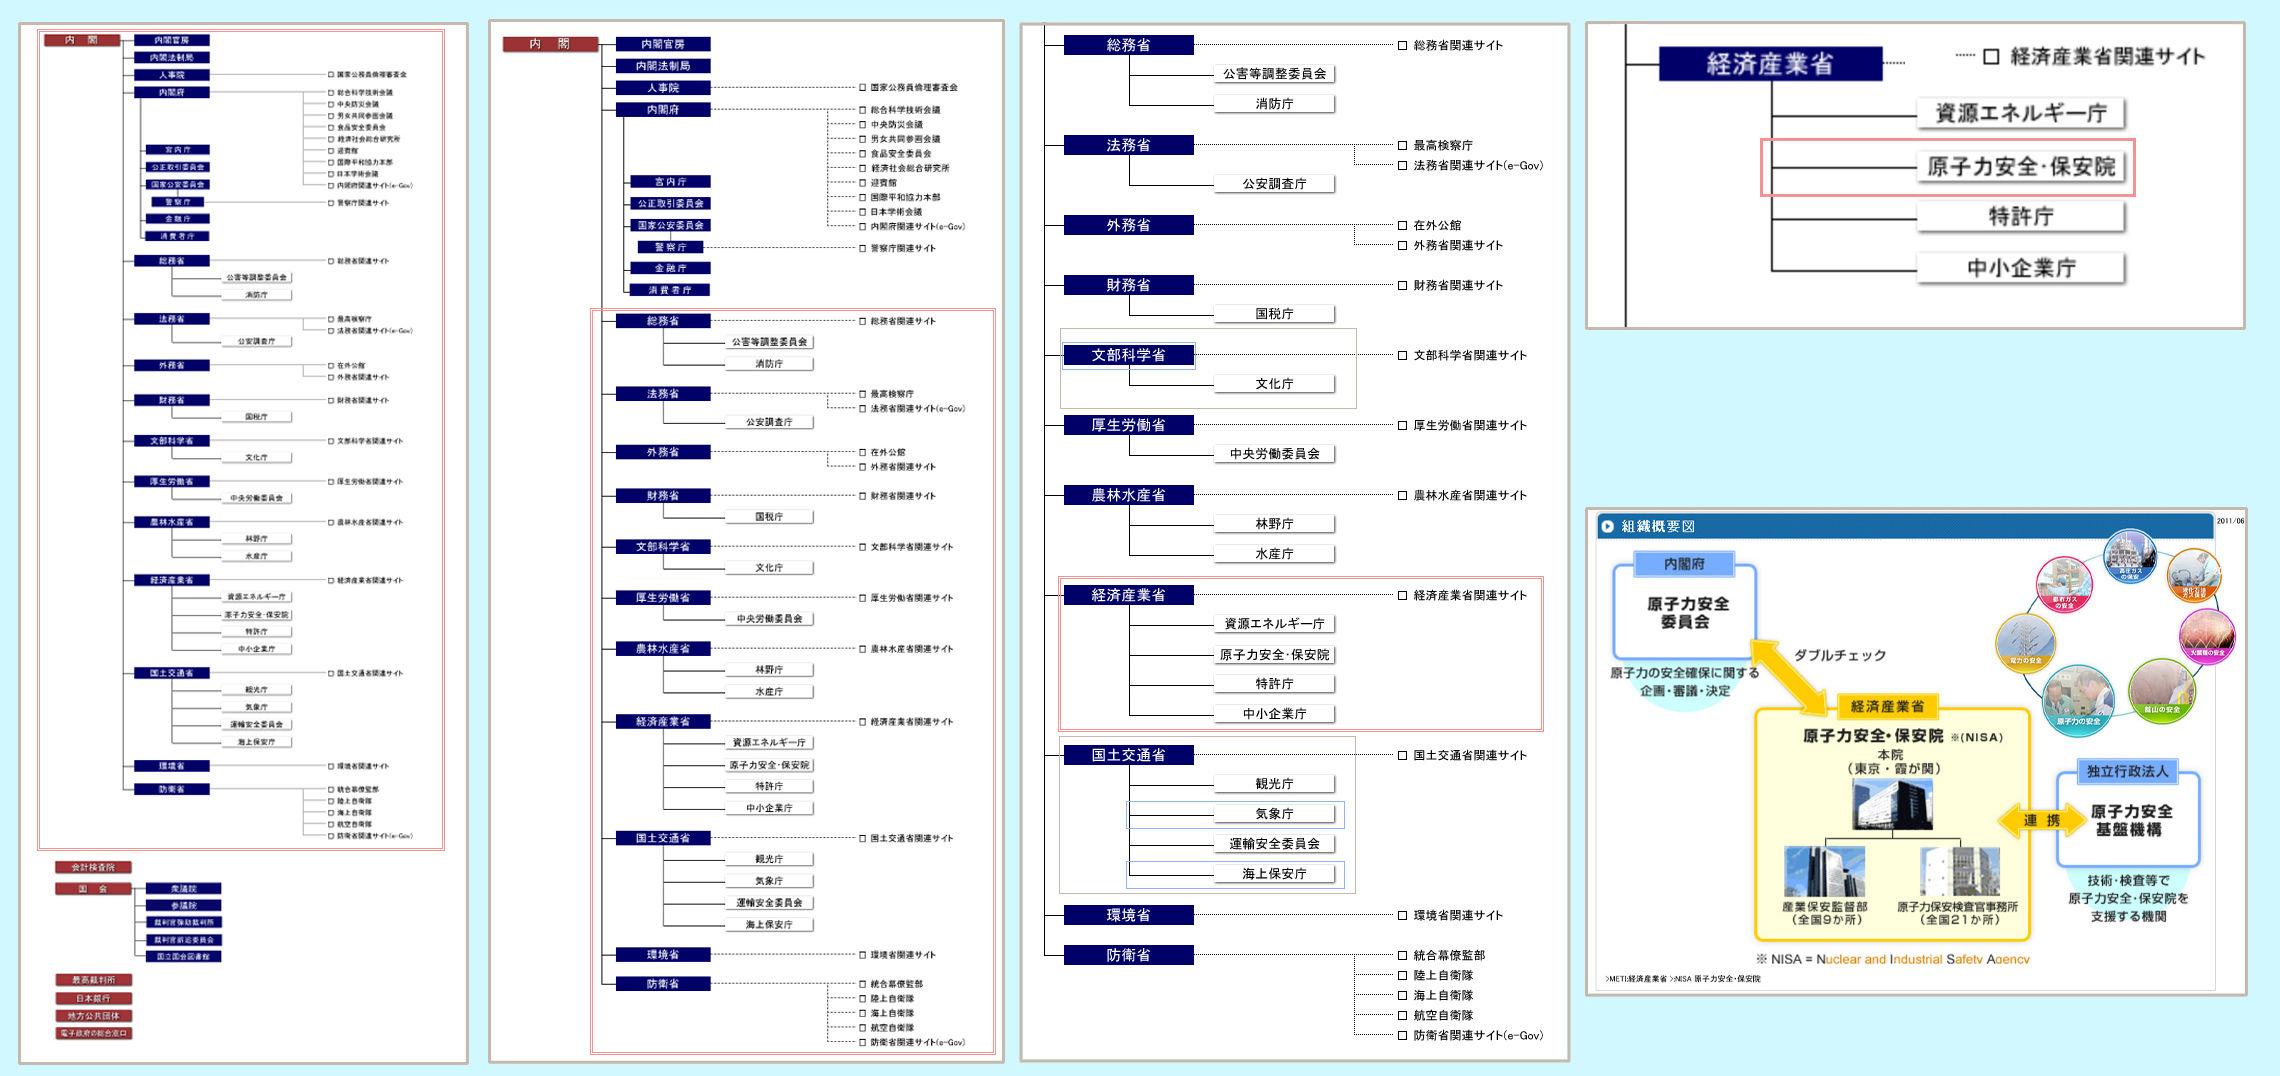 国の行政機関組織図 -